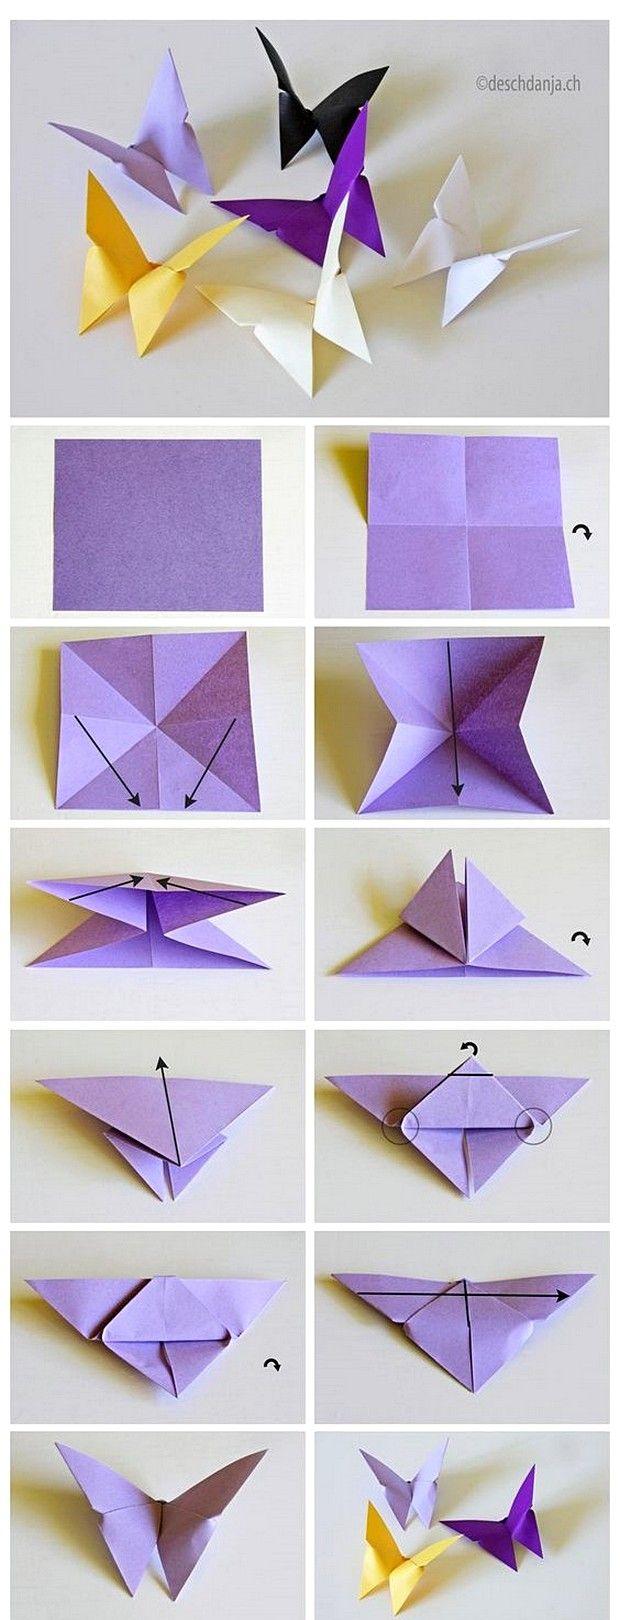 Cara Melipat Bunga Dari Kertas Origami Tutorial Origami